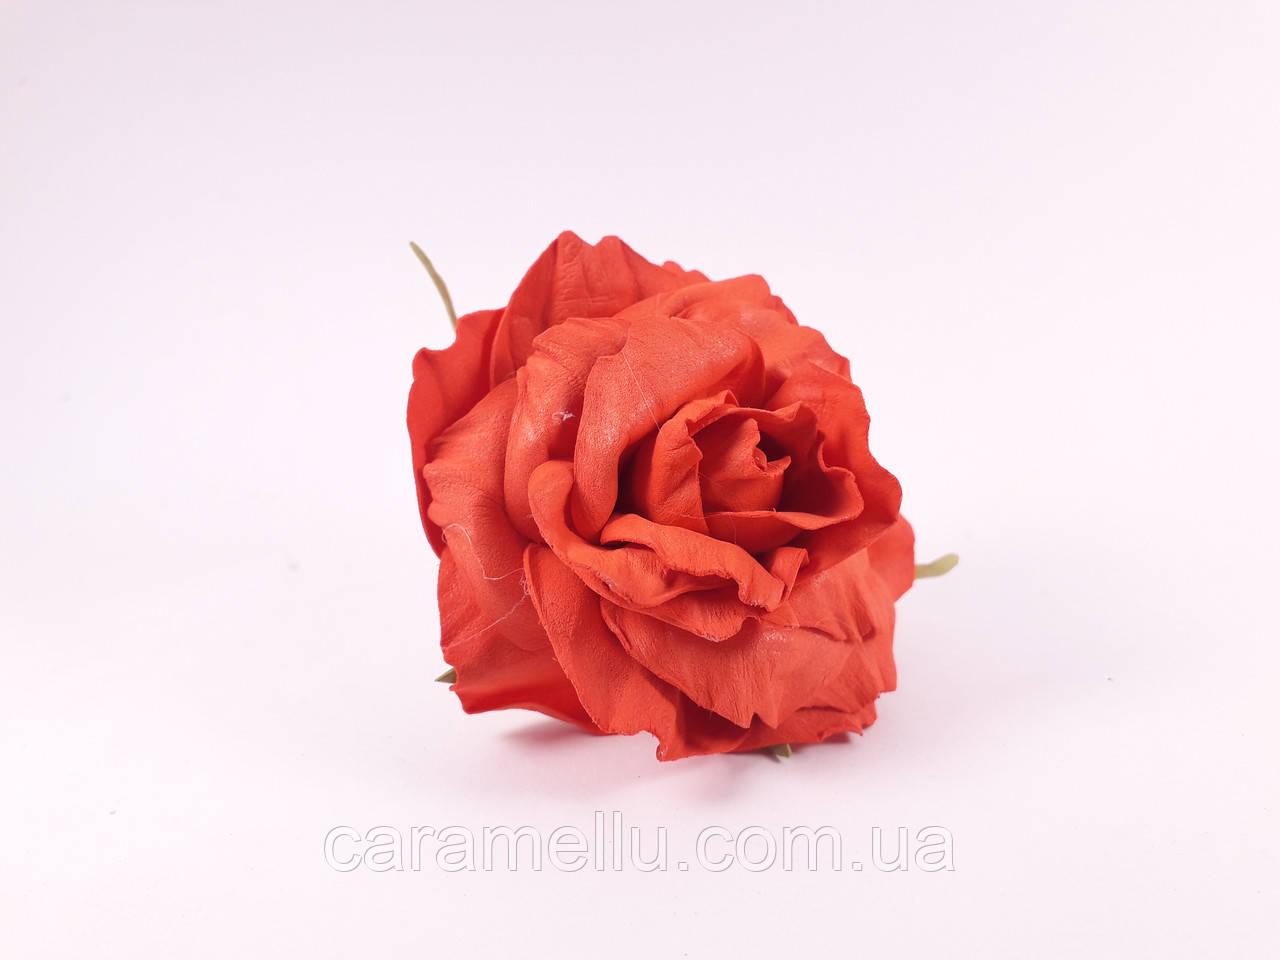 Роза искусственная из фоамирана(латекса). Цвет красный.